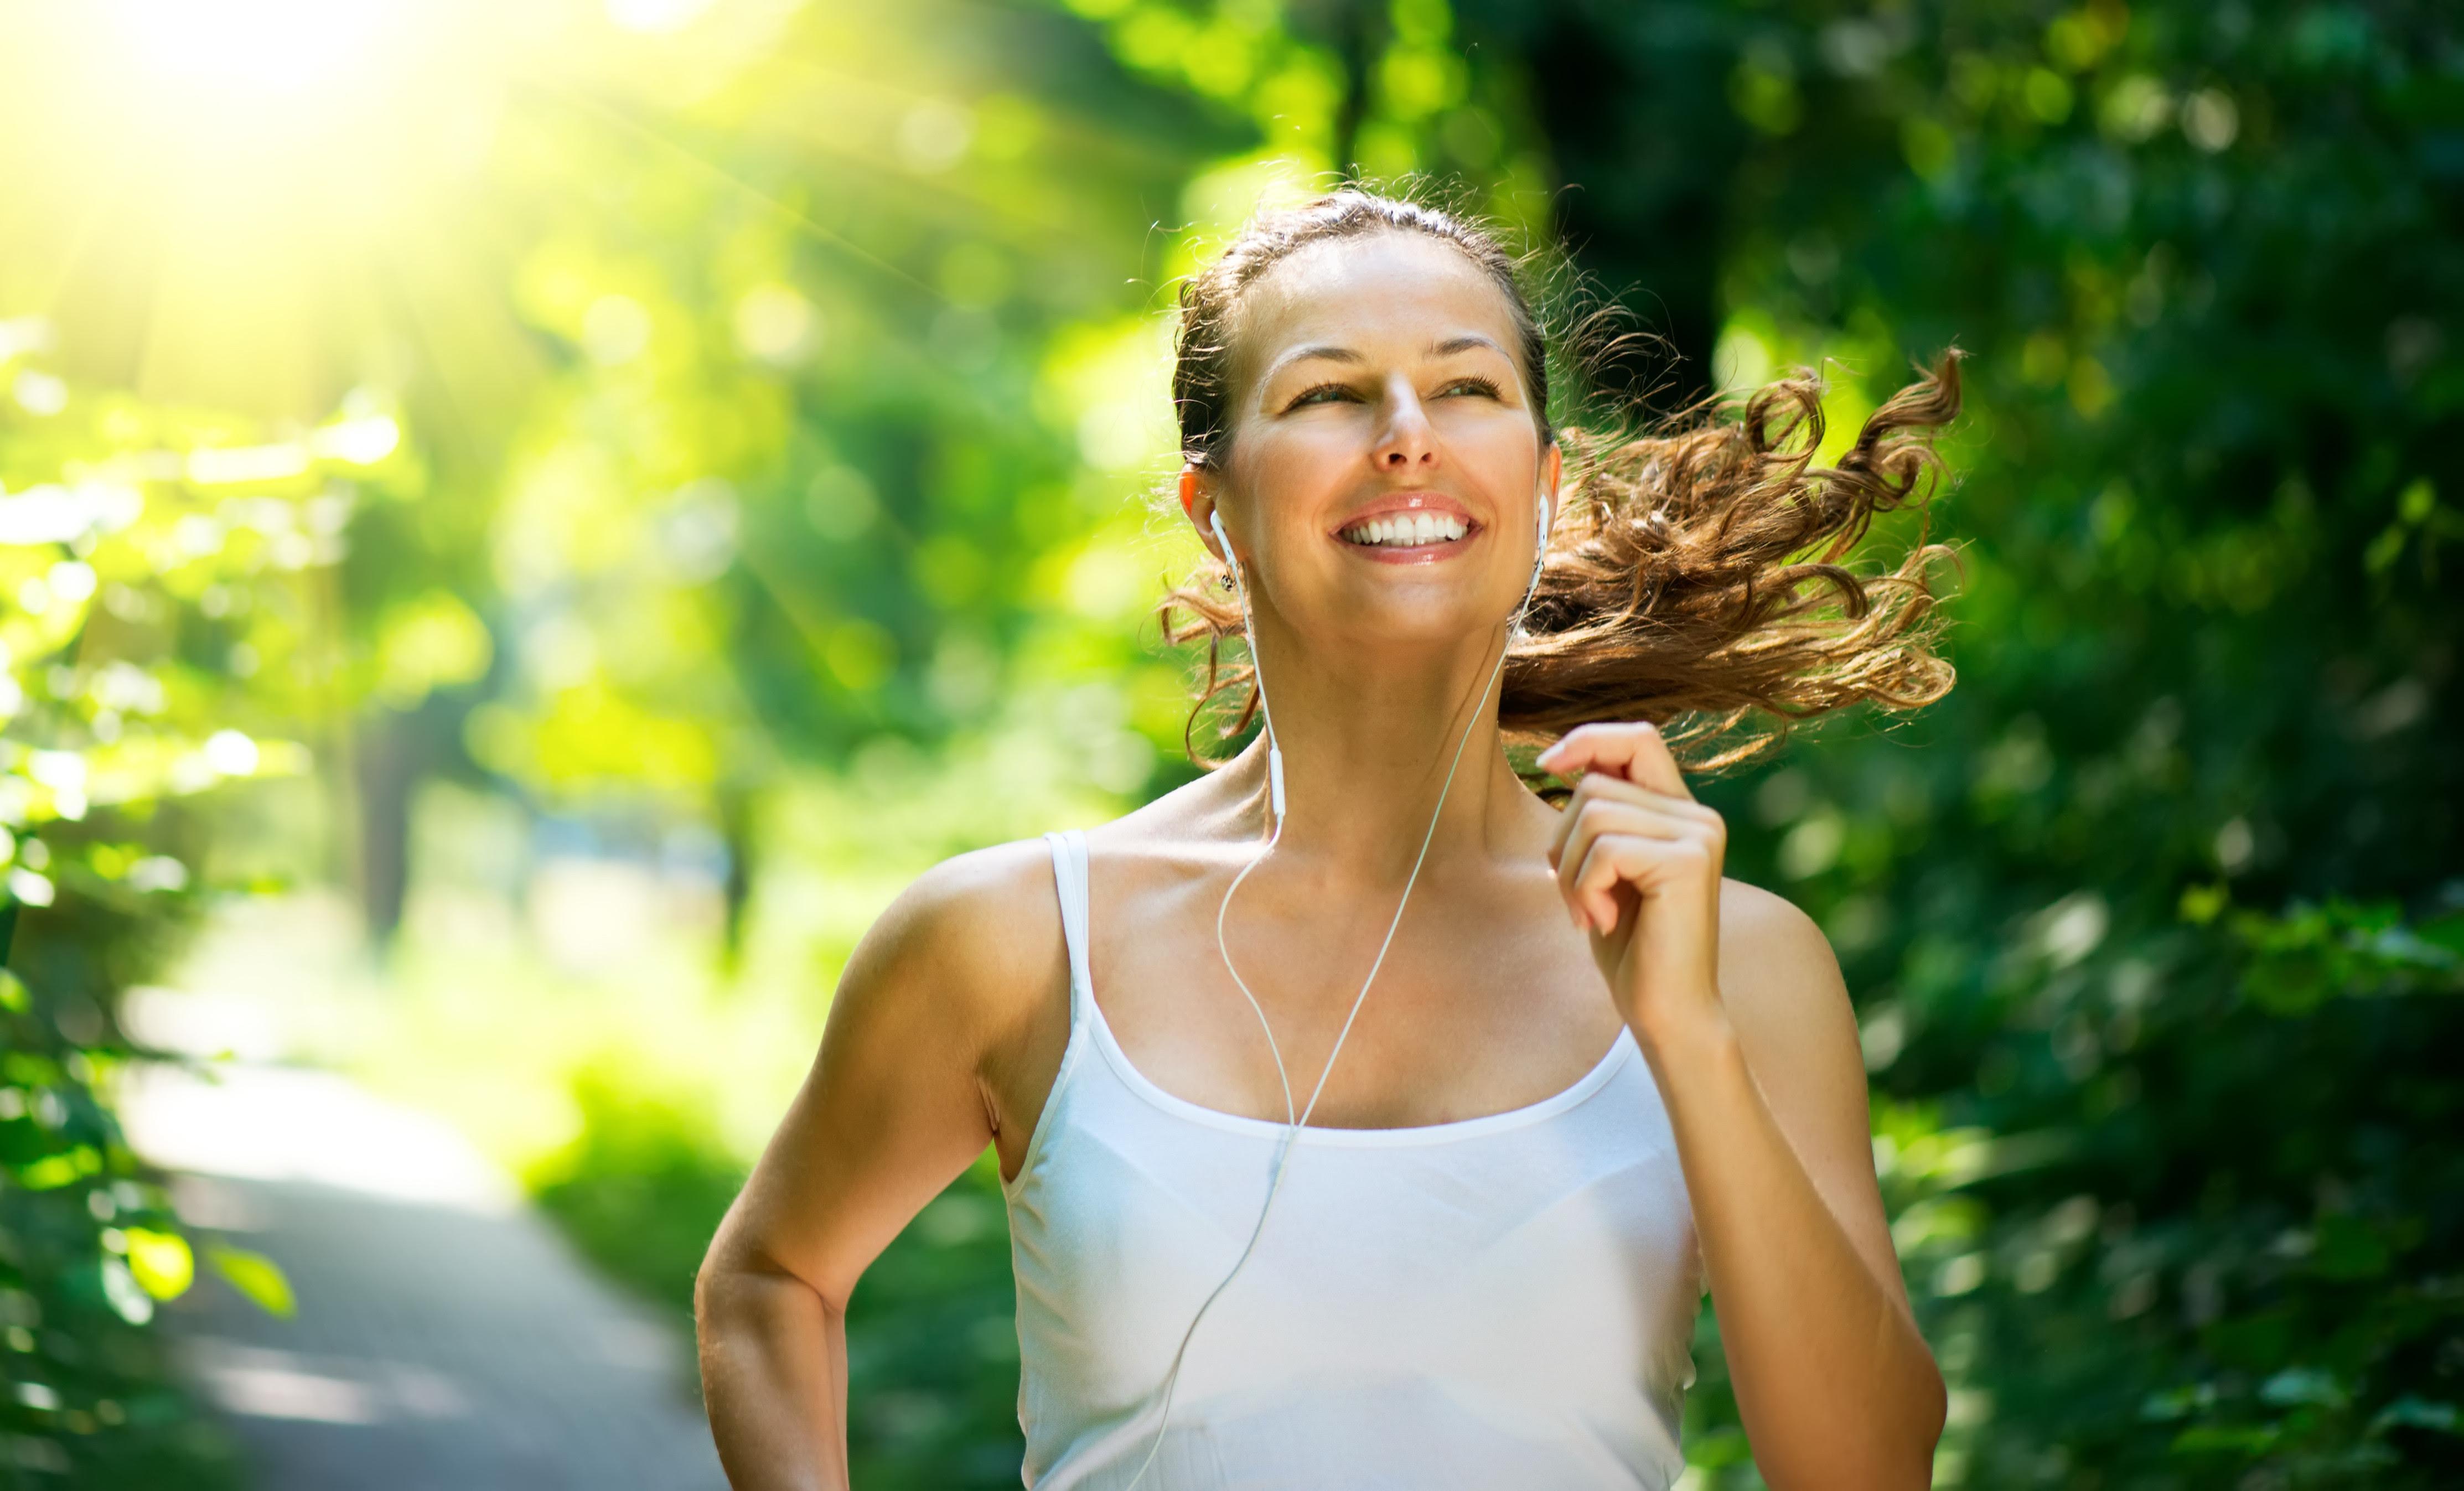 Mulher sorridente, com fones de ouvido, praticando corrida